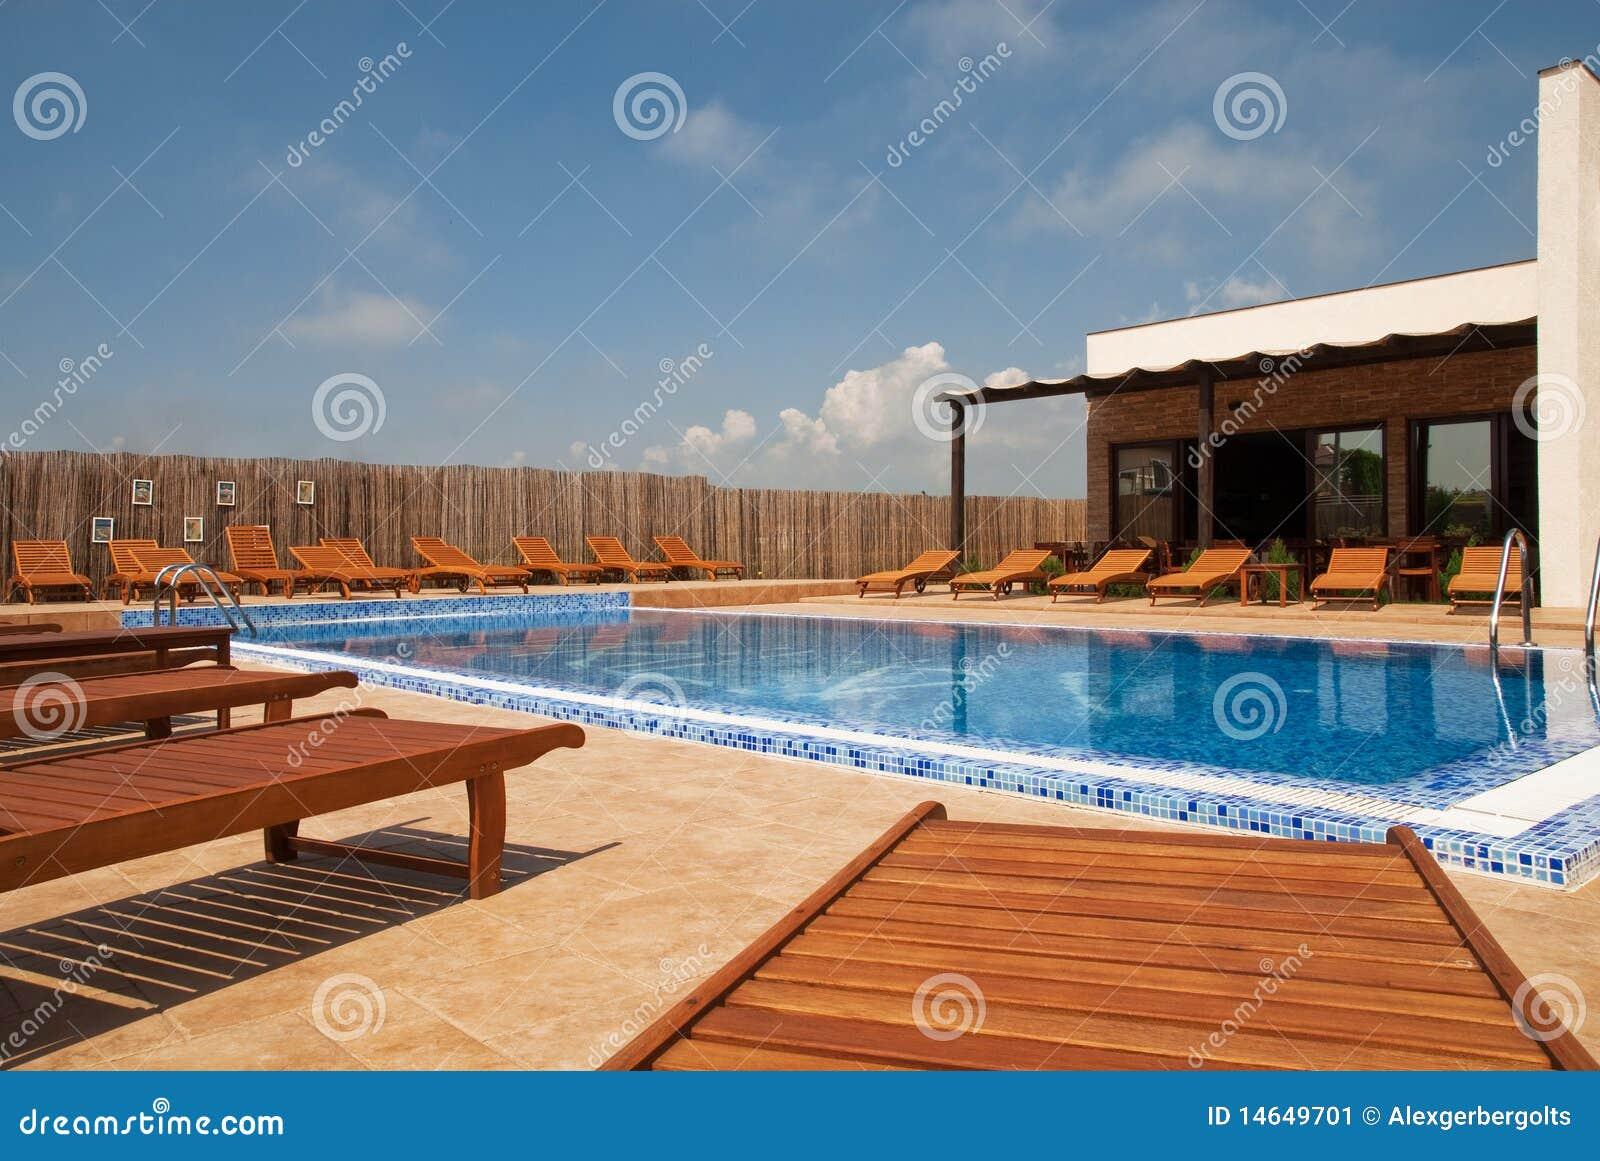 Casa moderna com piscina concep do estilo de vida imagem for Casa moderna